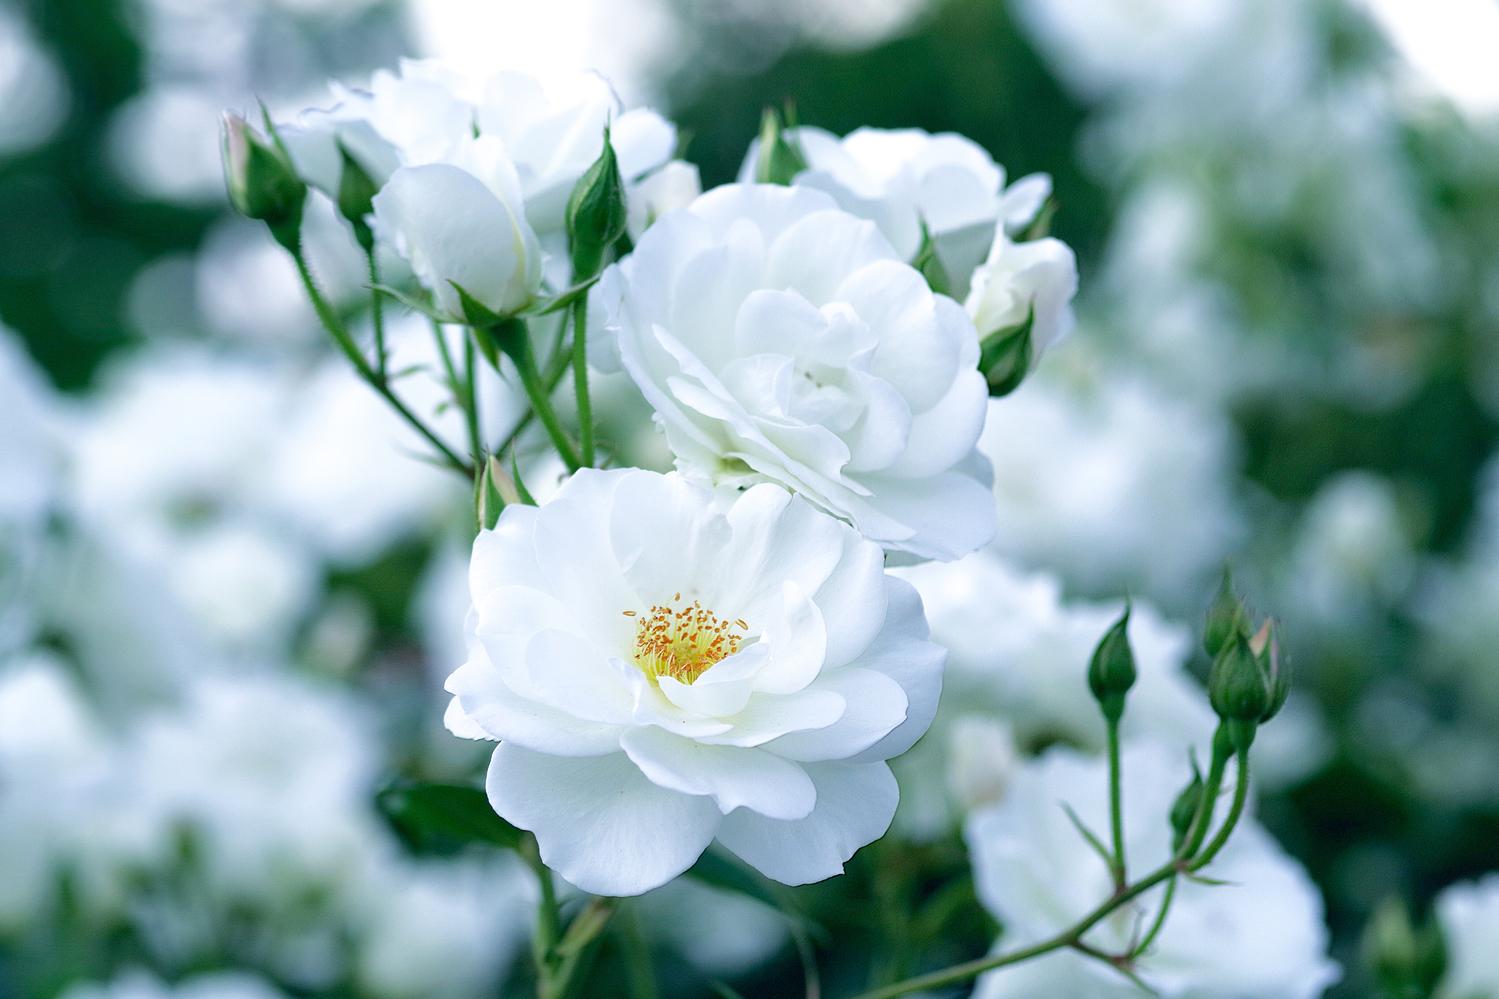 季節の移り変わりを感じられる白